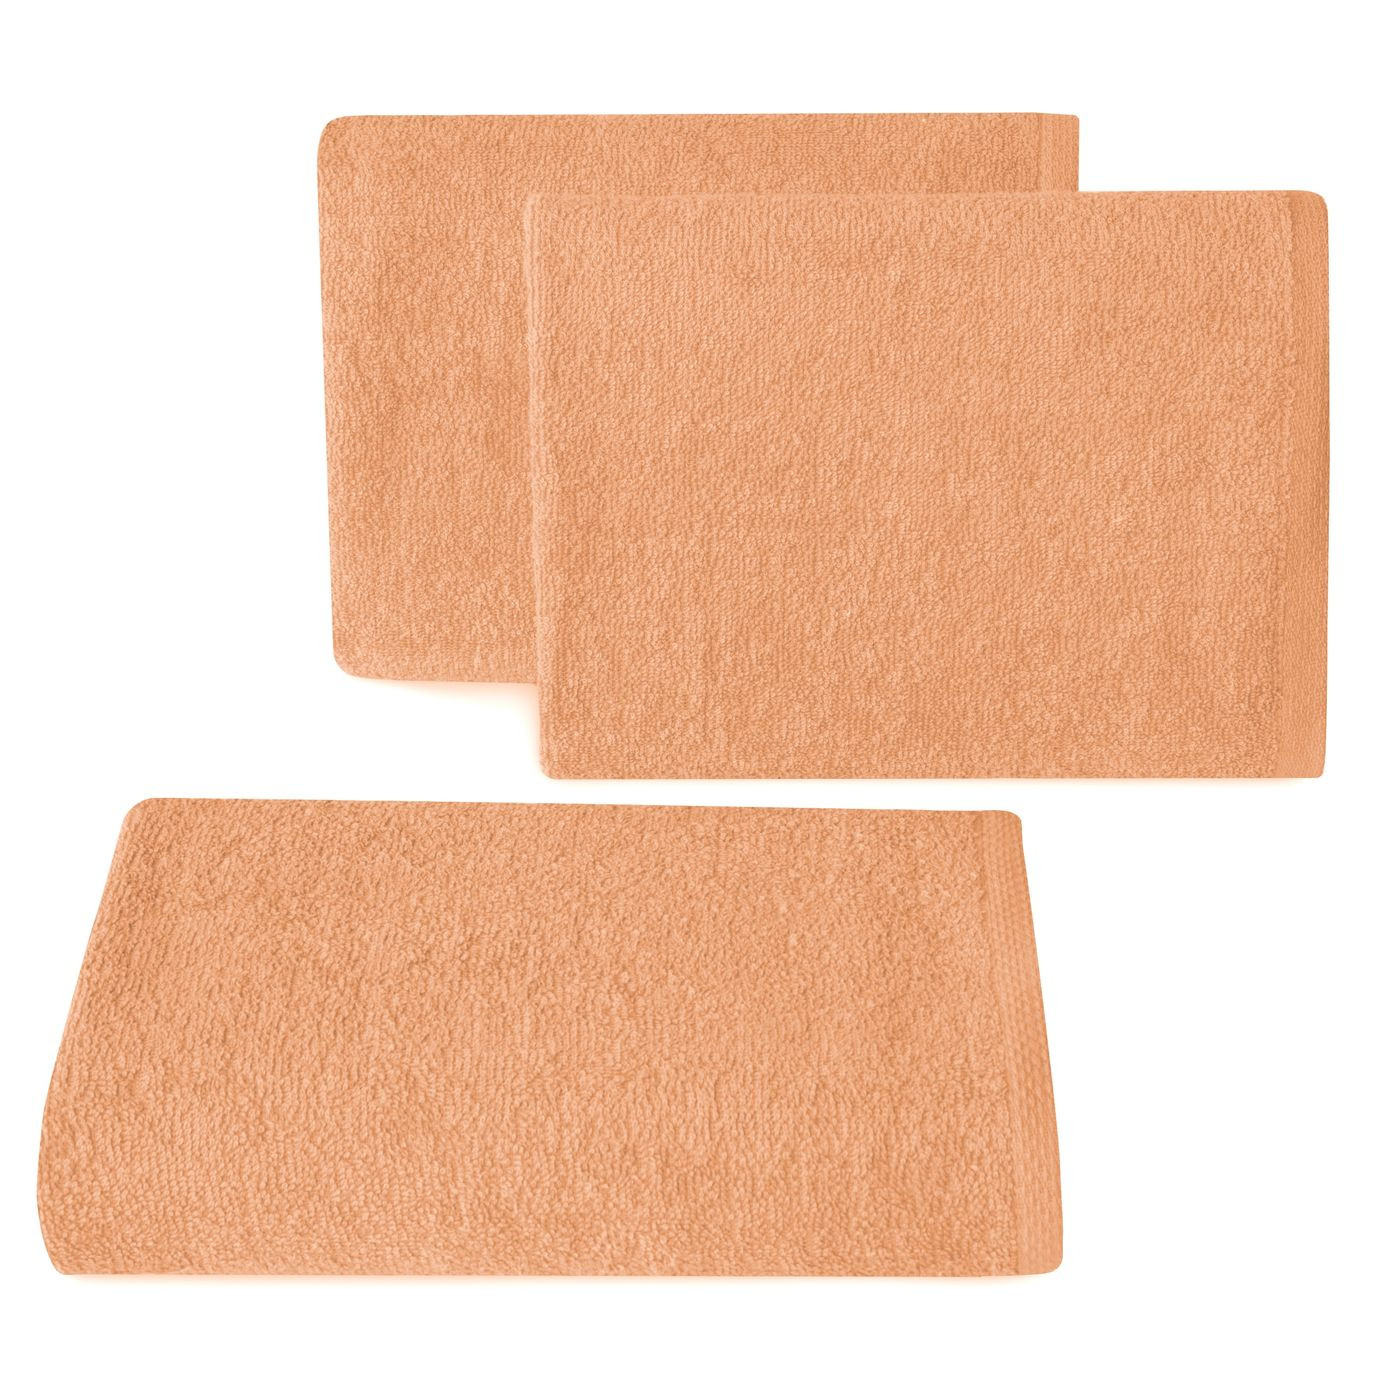 Ręcznik z bawełny gładki morelowy 50x90cm